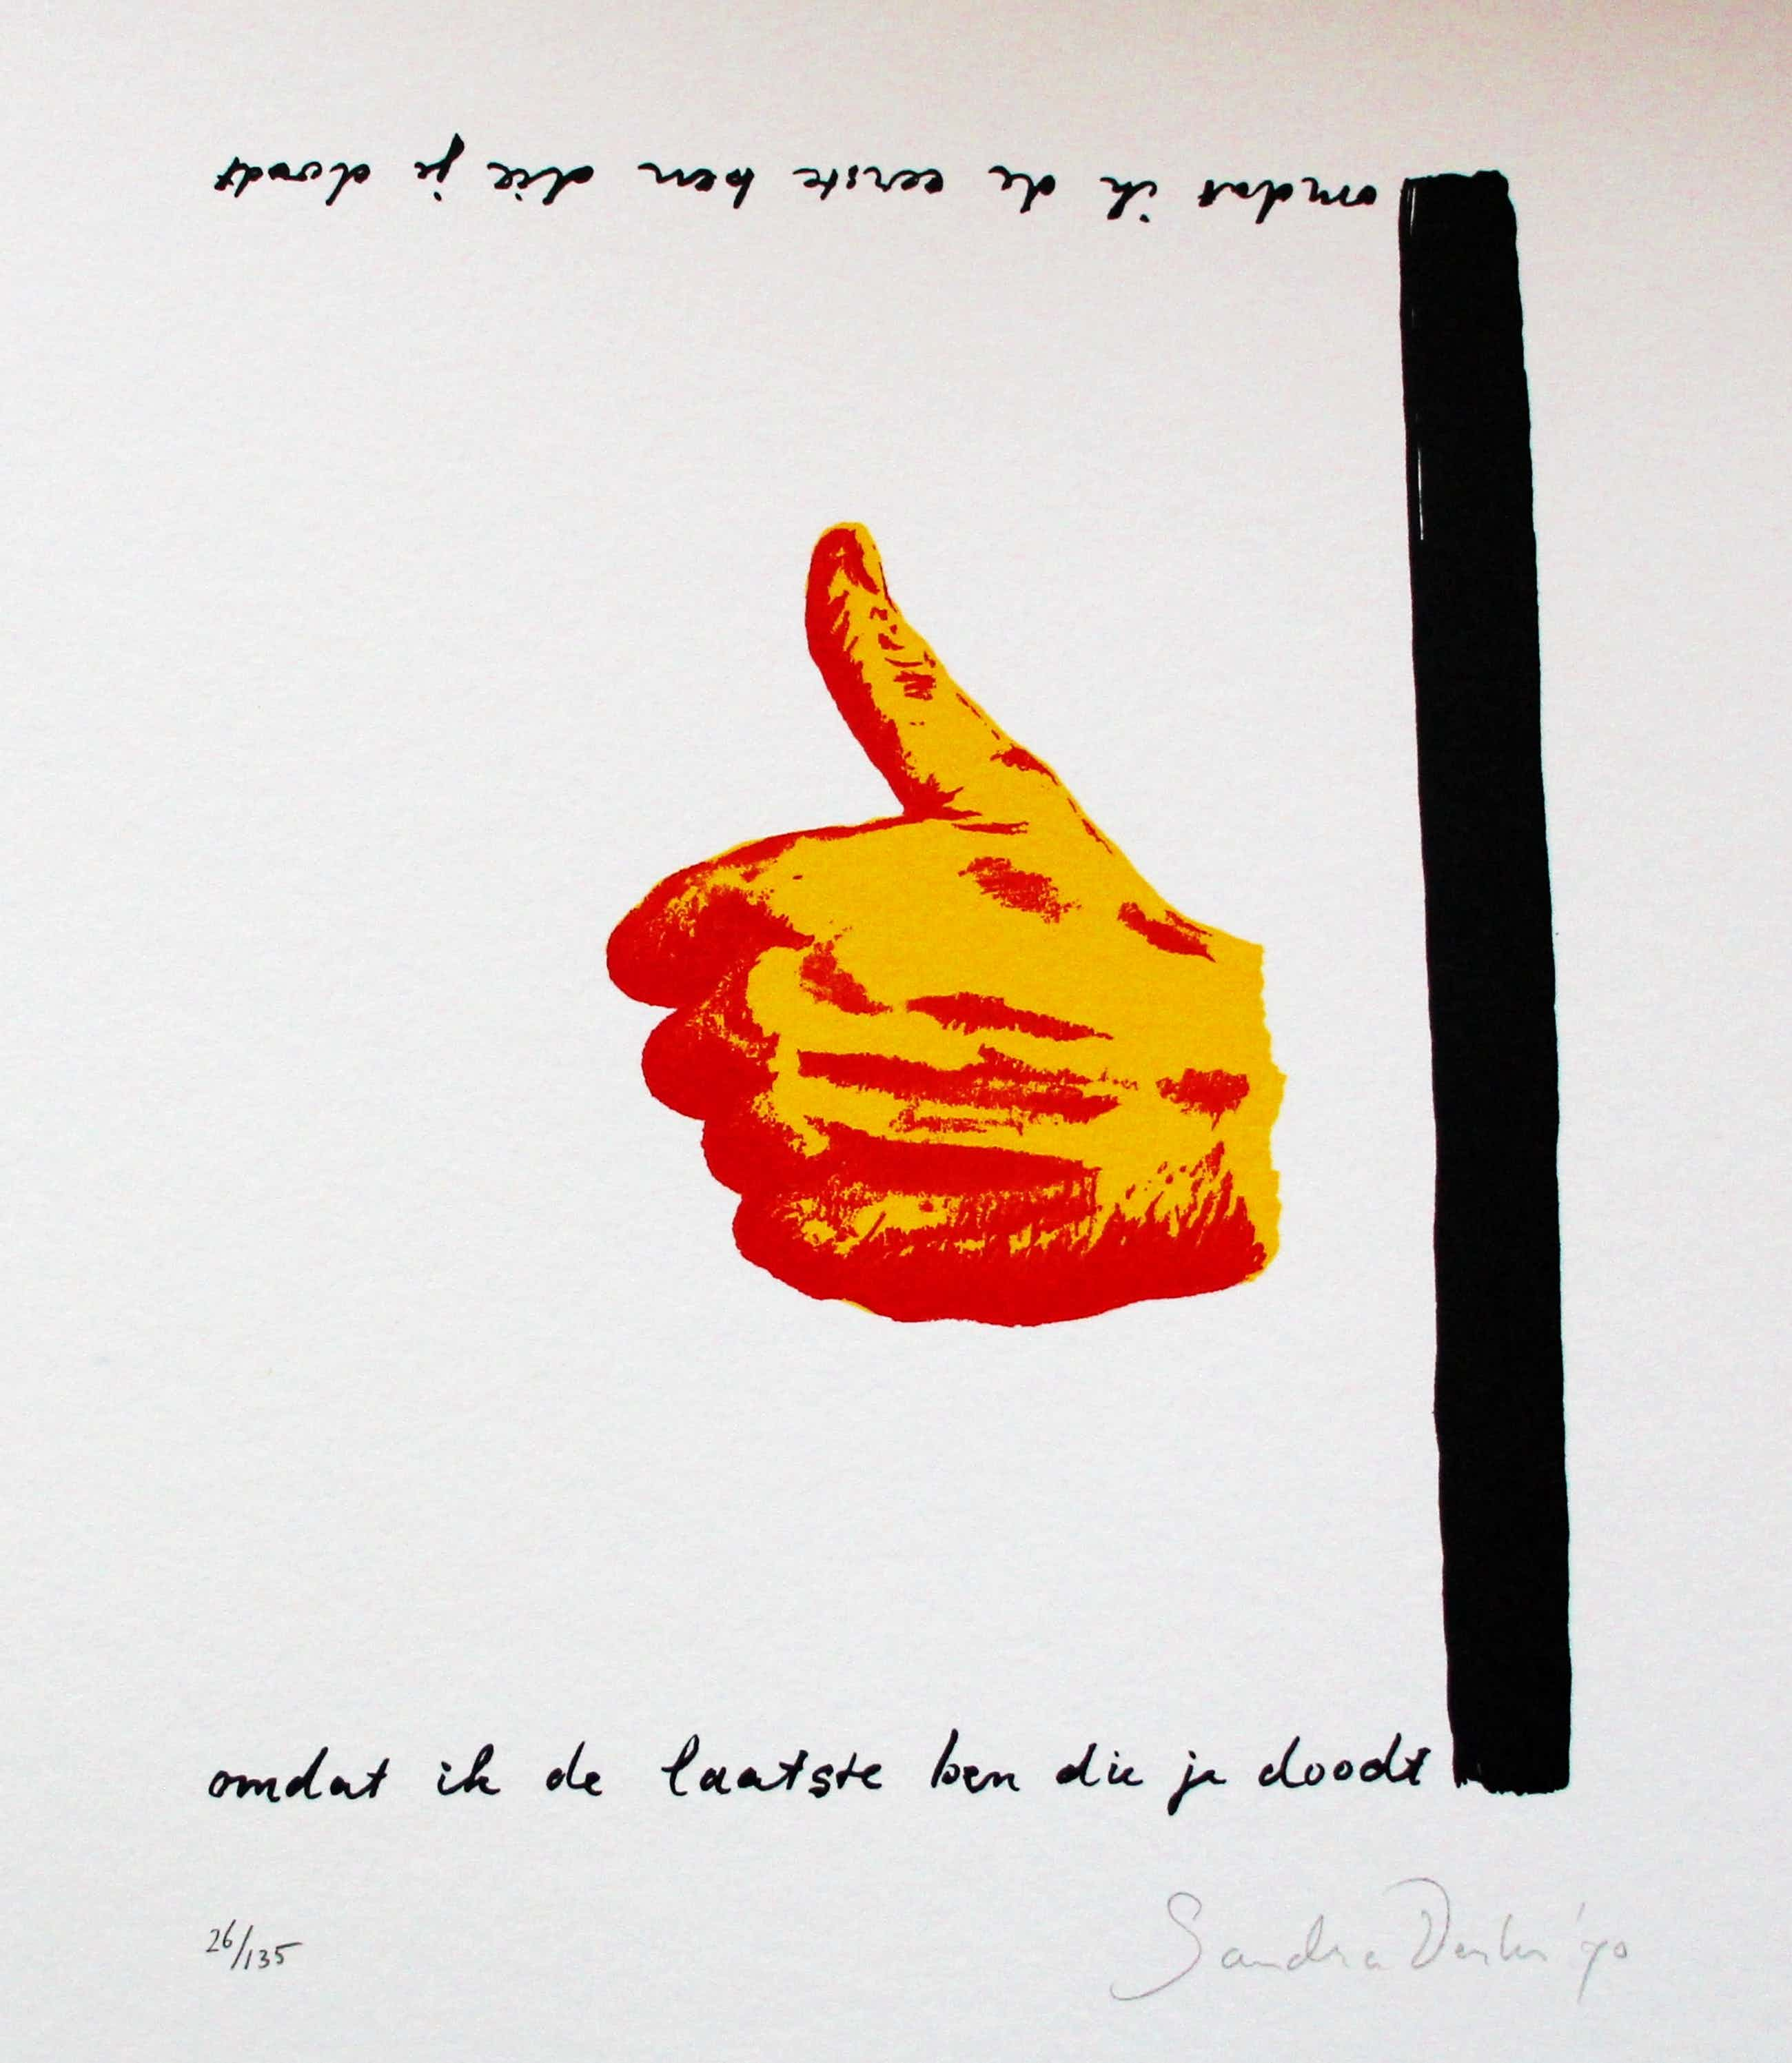 Sandra Derks - Zeefdruk met gedicht, van Rob Schouten - 1990 kopen? Bied vanaf 55!